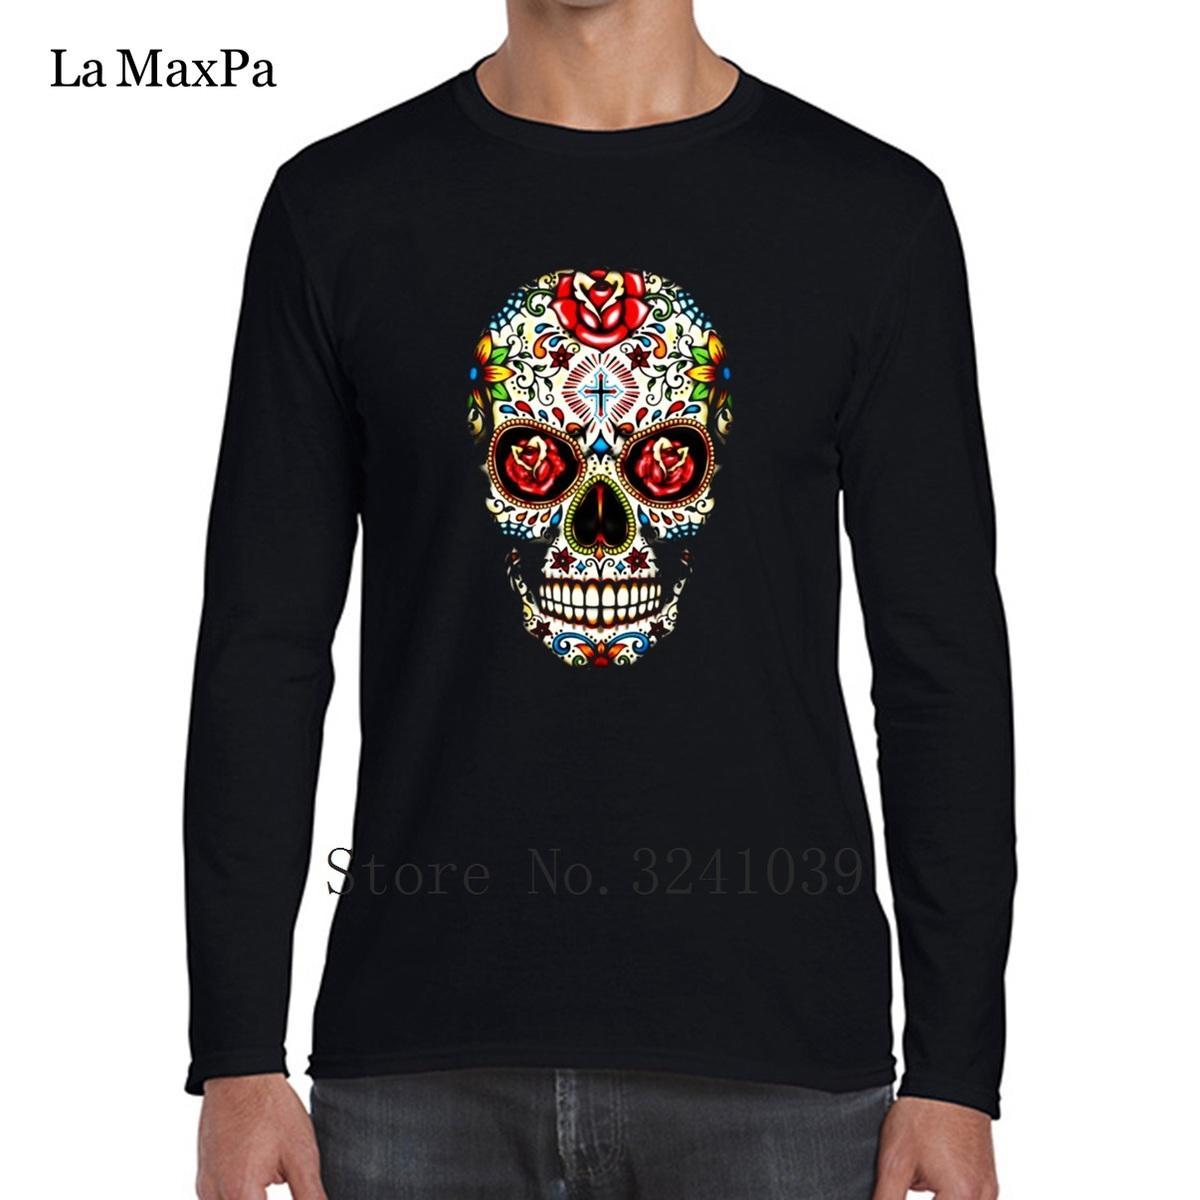 La Maxpa сахар череп розы глаза День мертвых установлены Мужские футболки стандартная Весна мужская футболка Homme S-3xl футболка мужская